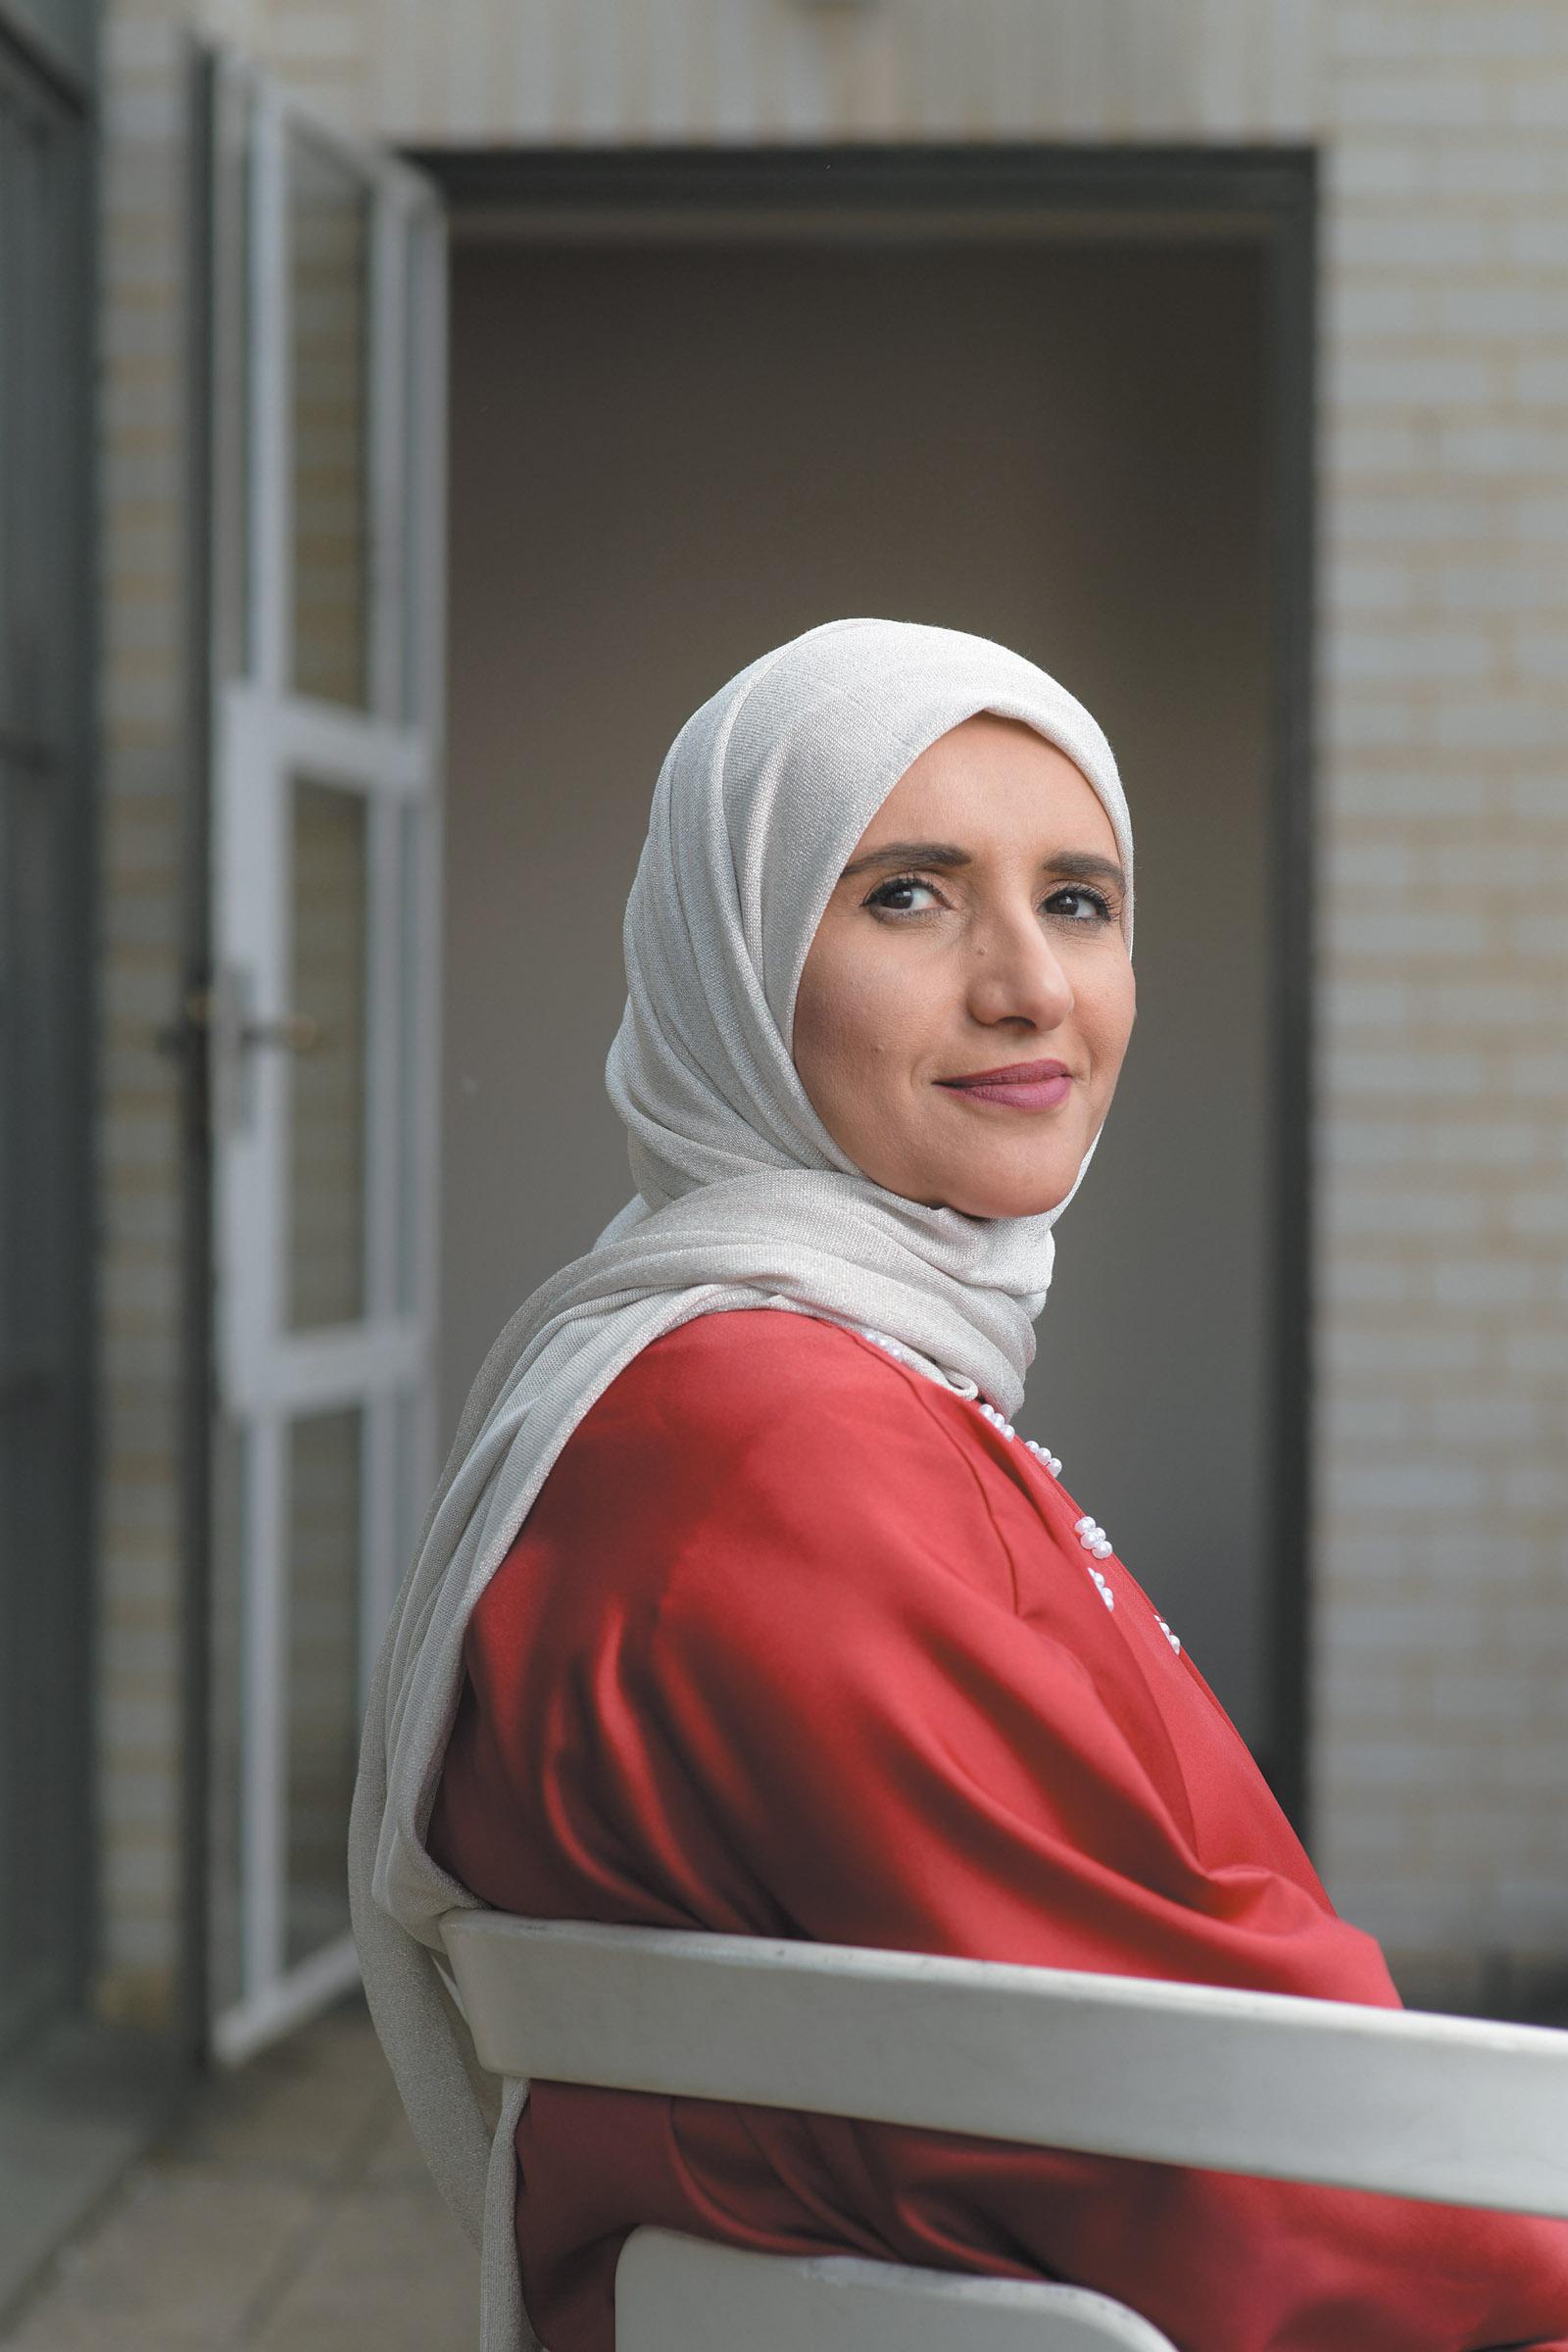 Jokha Alharthi, London, May 2019